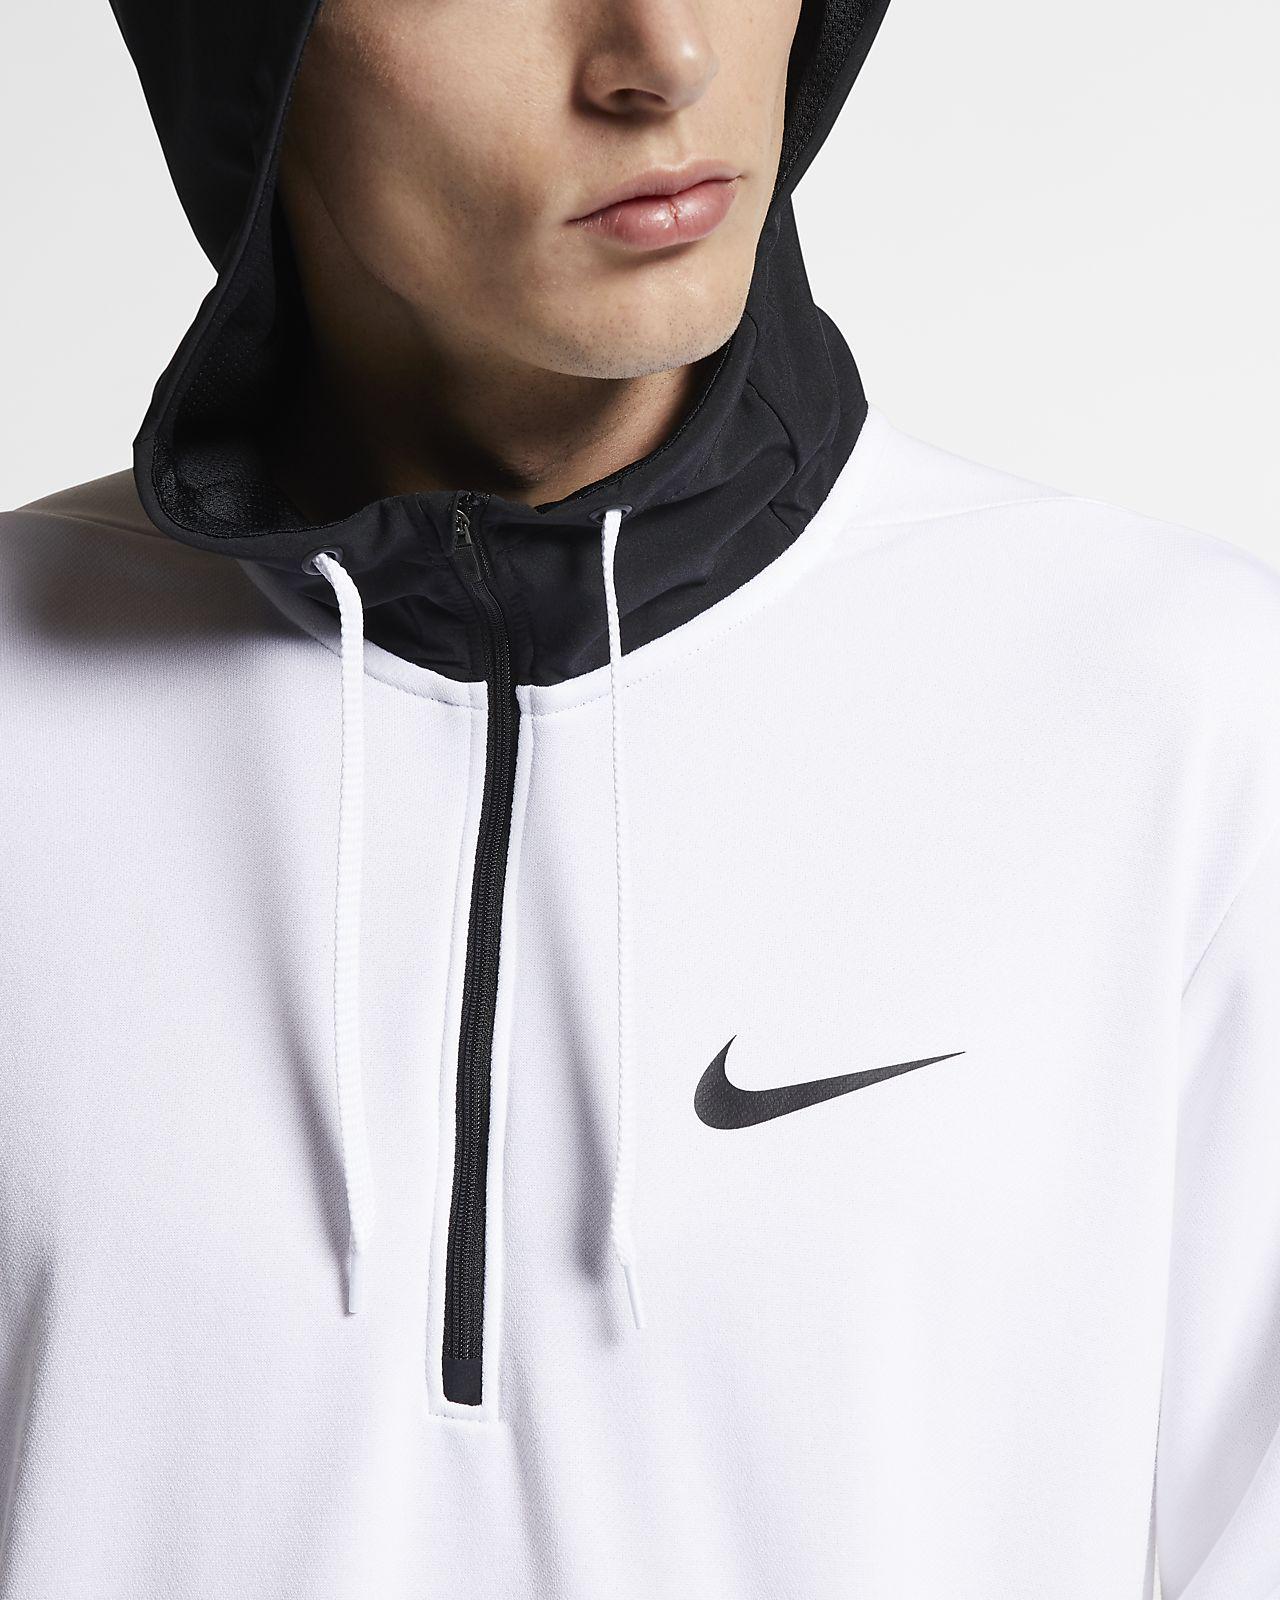 Sudadera Nike Tejido Con Entrenamiento Hombre Fleece Capucha Para De Dri Fit 2I9eEHDYbW